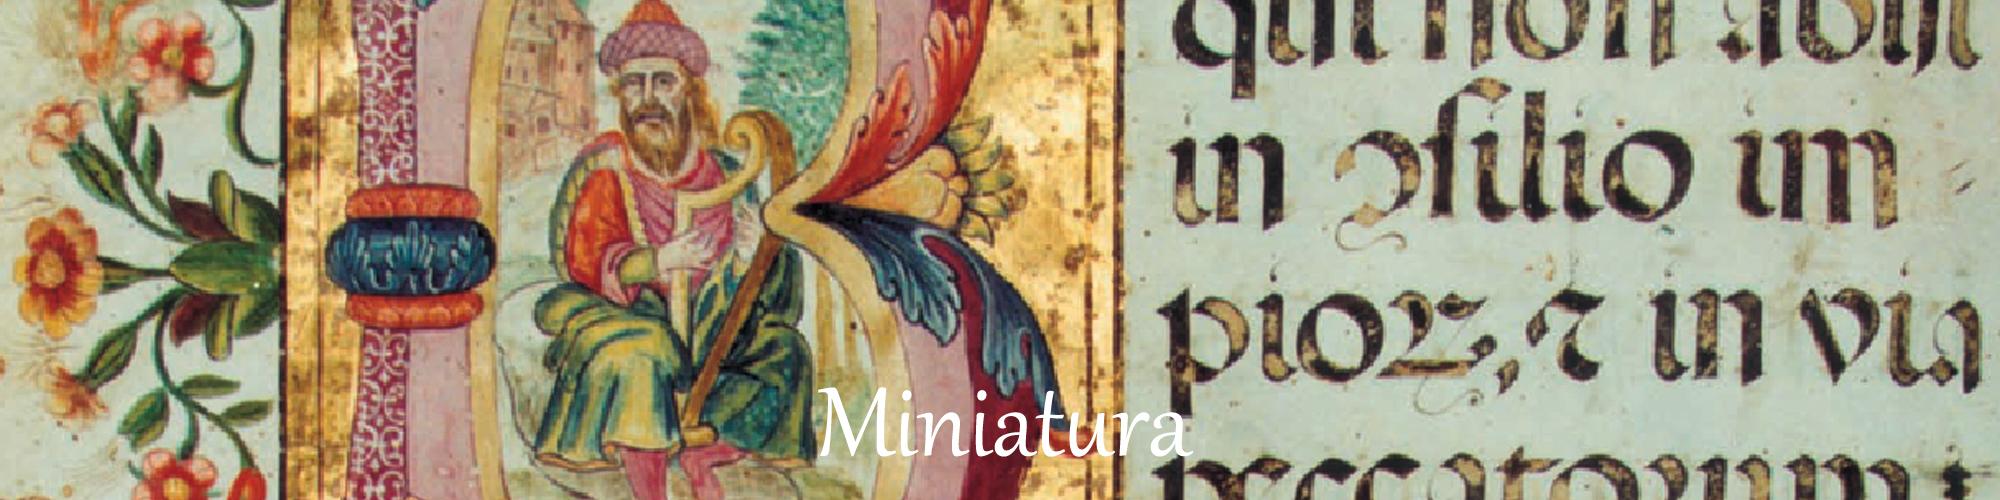 libro arte cennino cennini miniatura